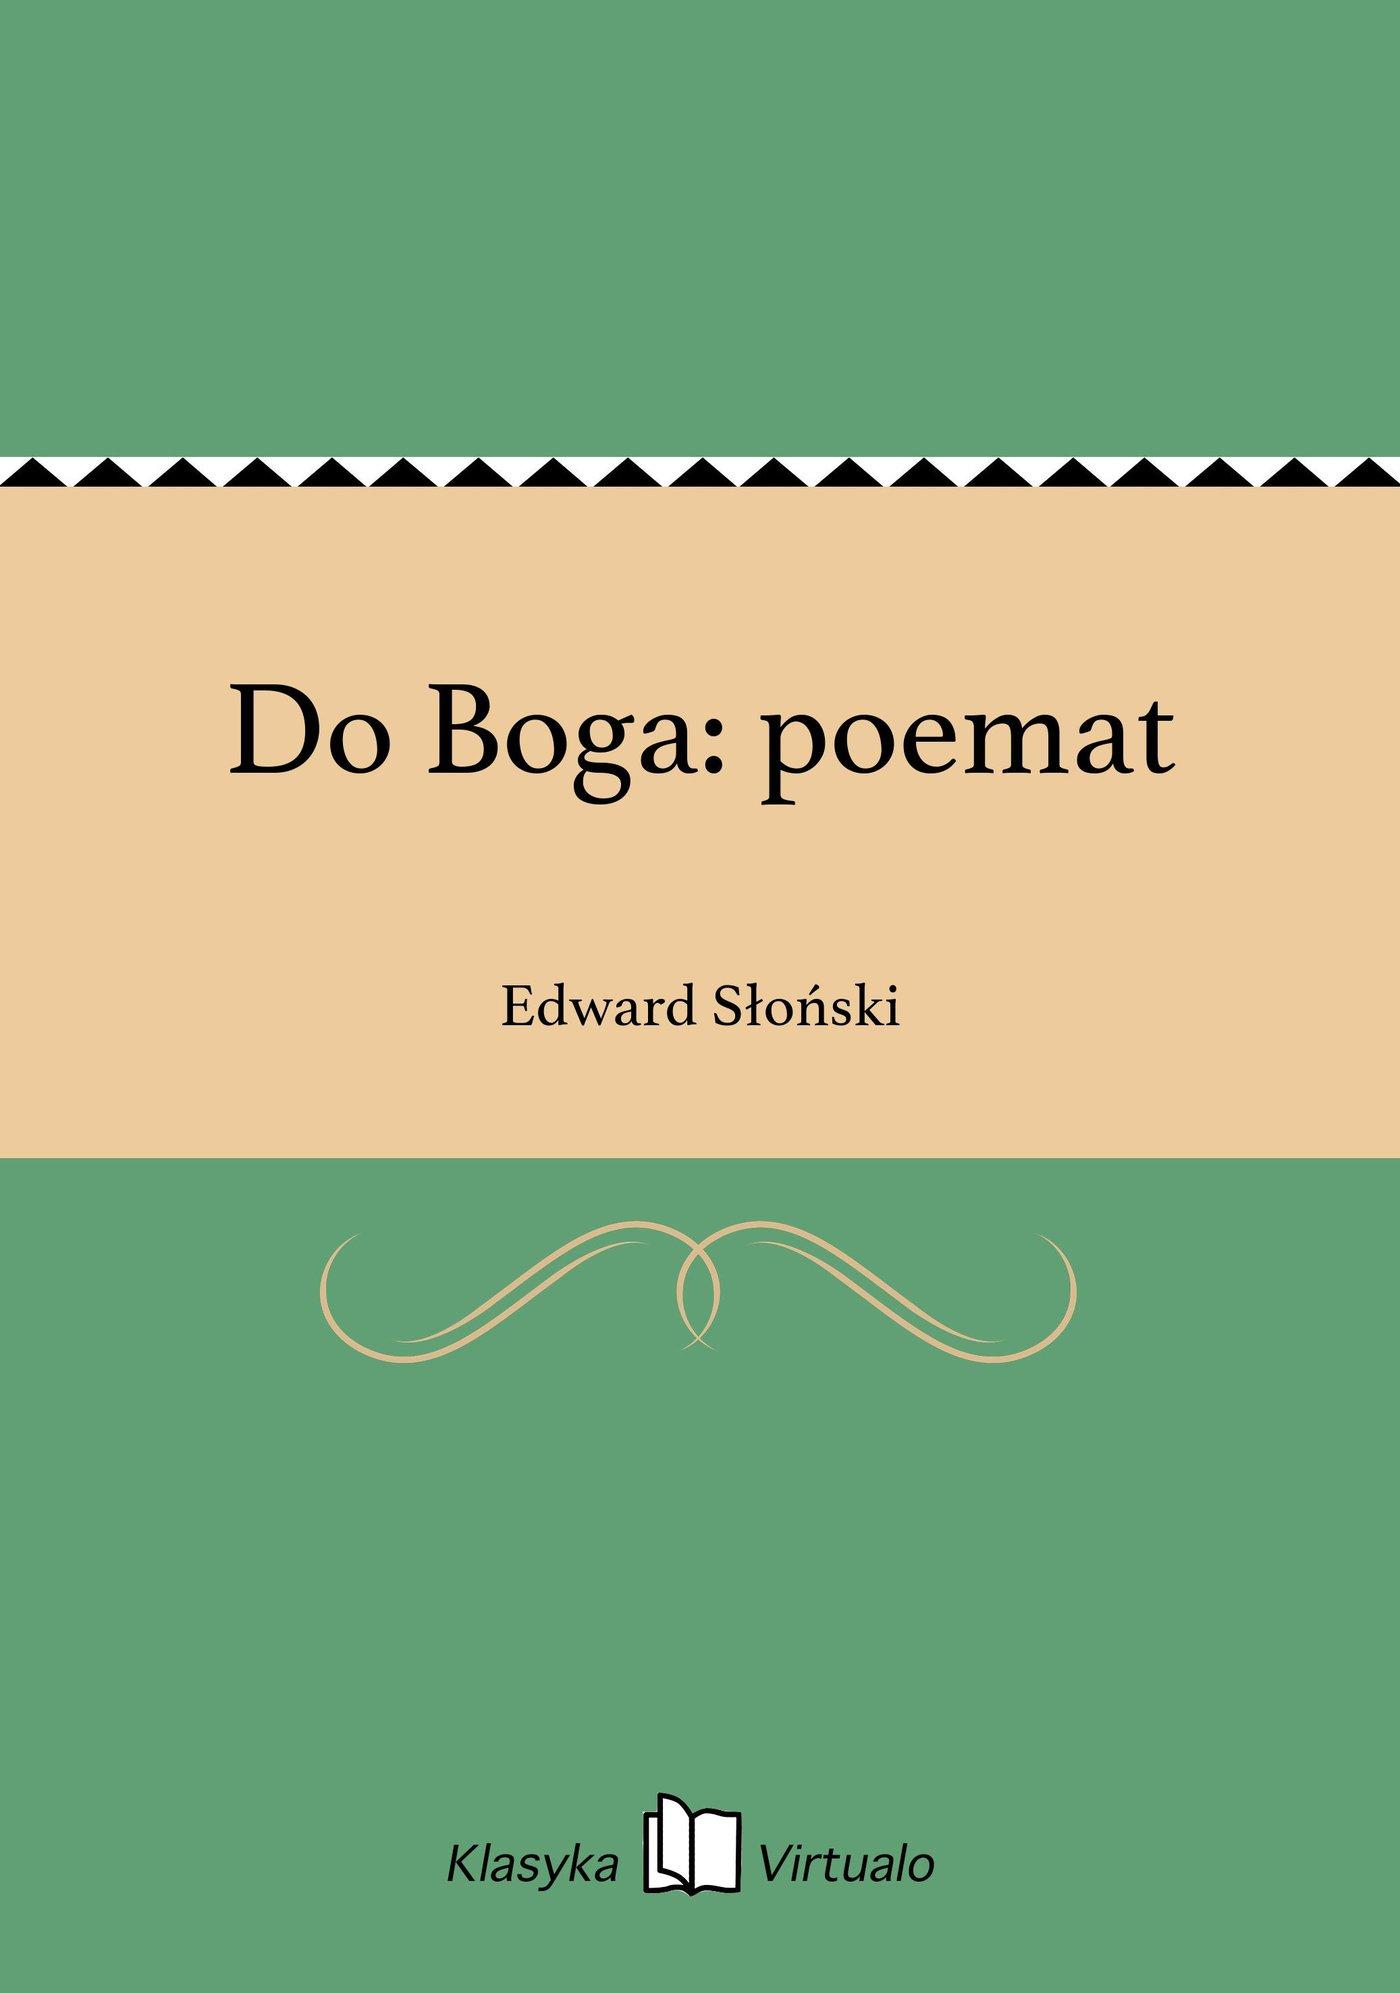 Do Boga: poemat - Ebook (Książka EPUB) do pobrania w formacie EPUB